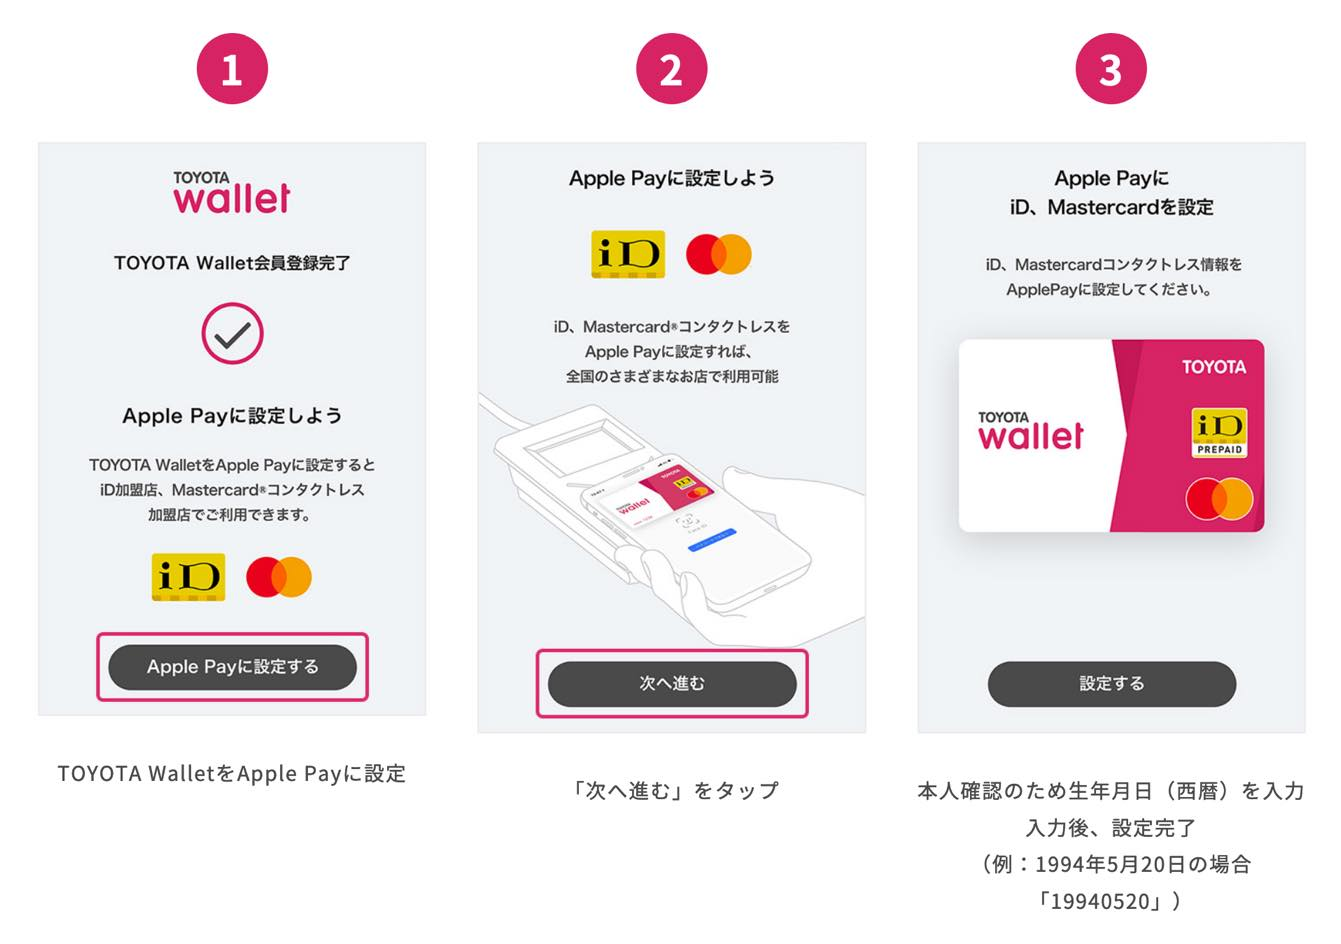 TOYOTA Wallet(トヨタウォレット)の支払い方法の設定手順(1)